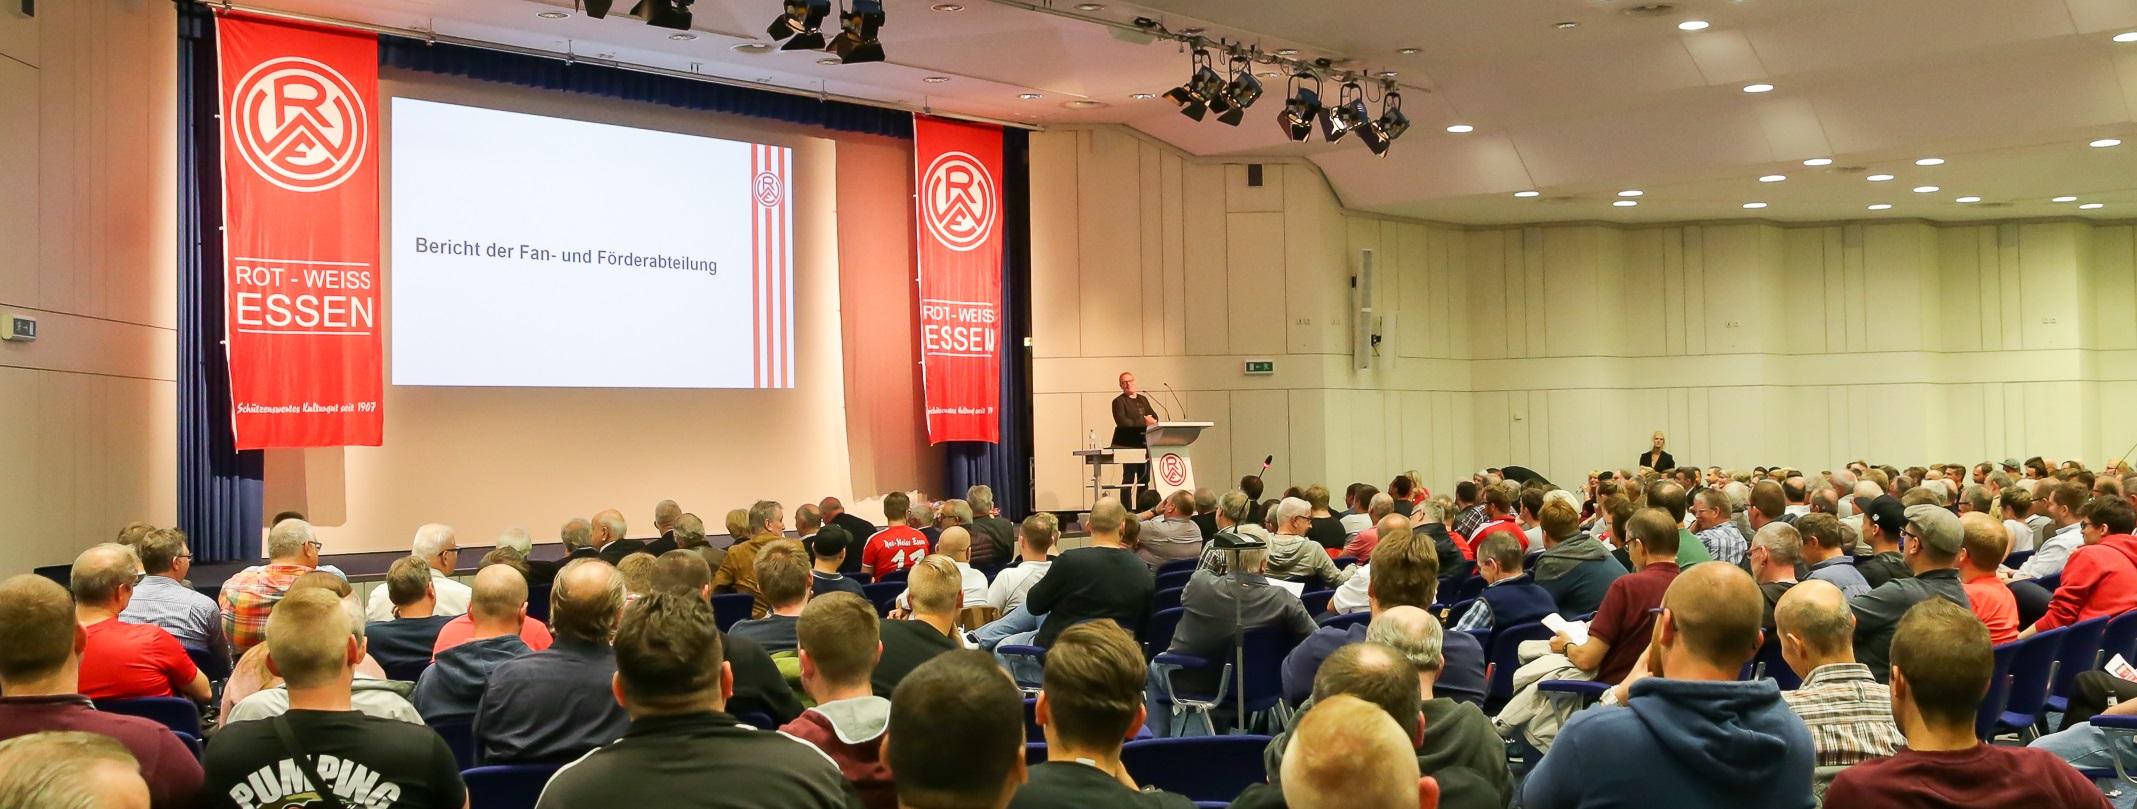 Am kommenden Sonntag richtet Rot-Weiss Essen die Jahreshauptversammlung aus. (Foto: Endberg)